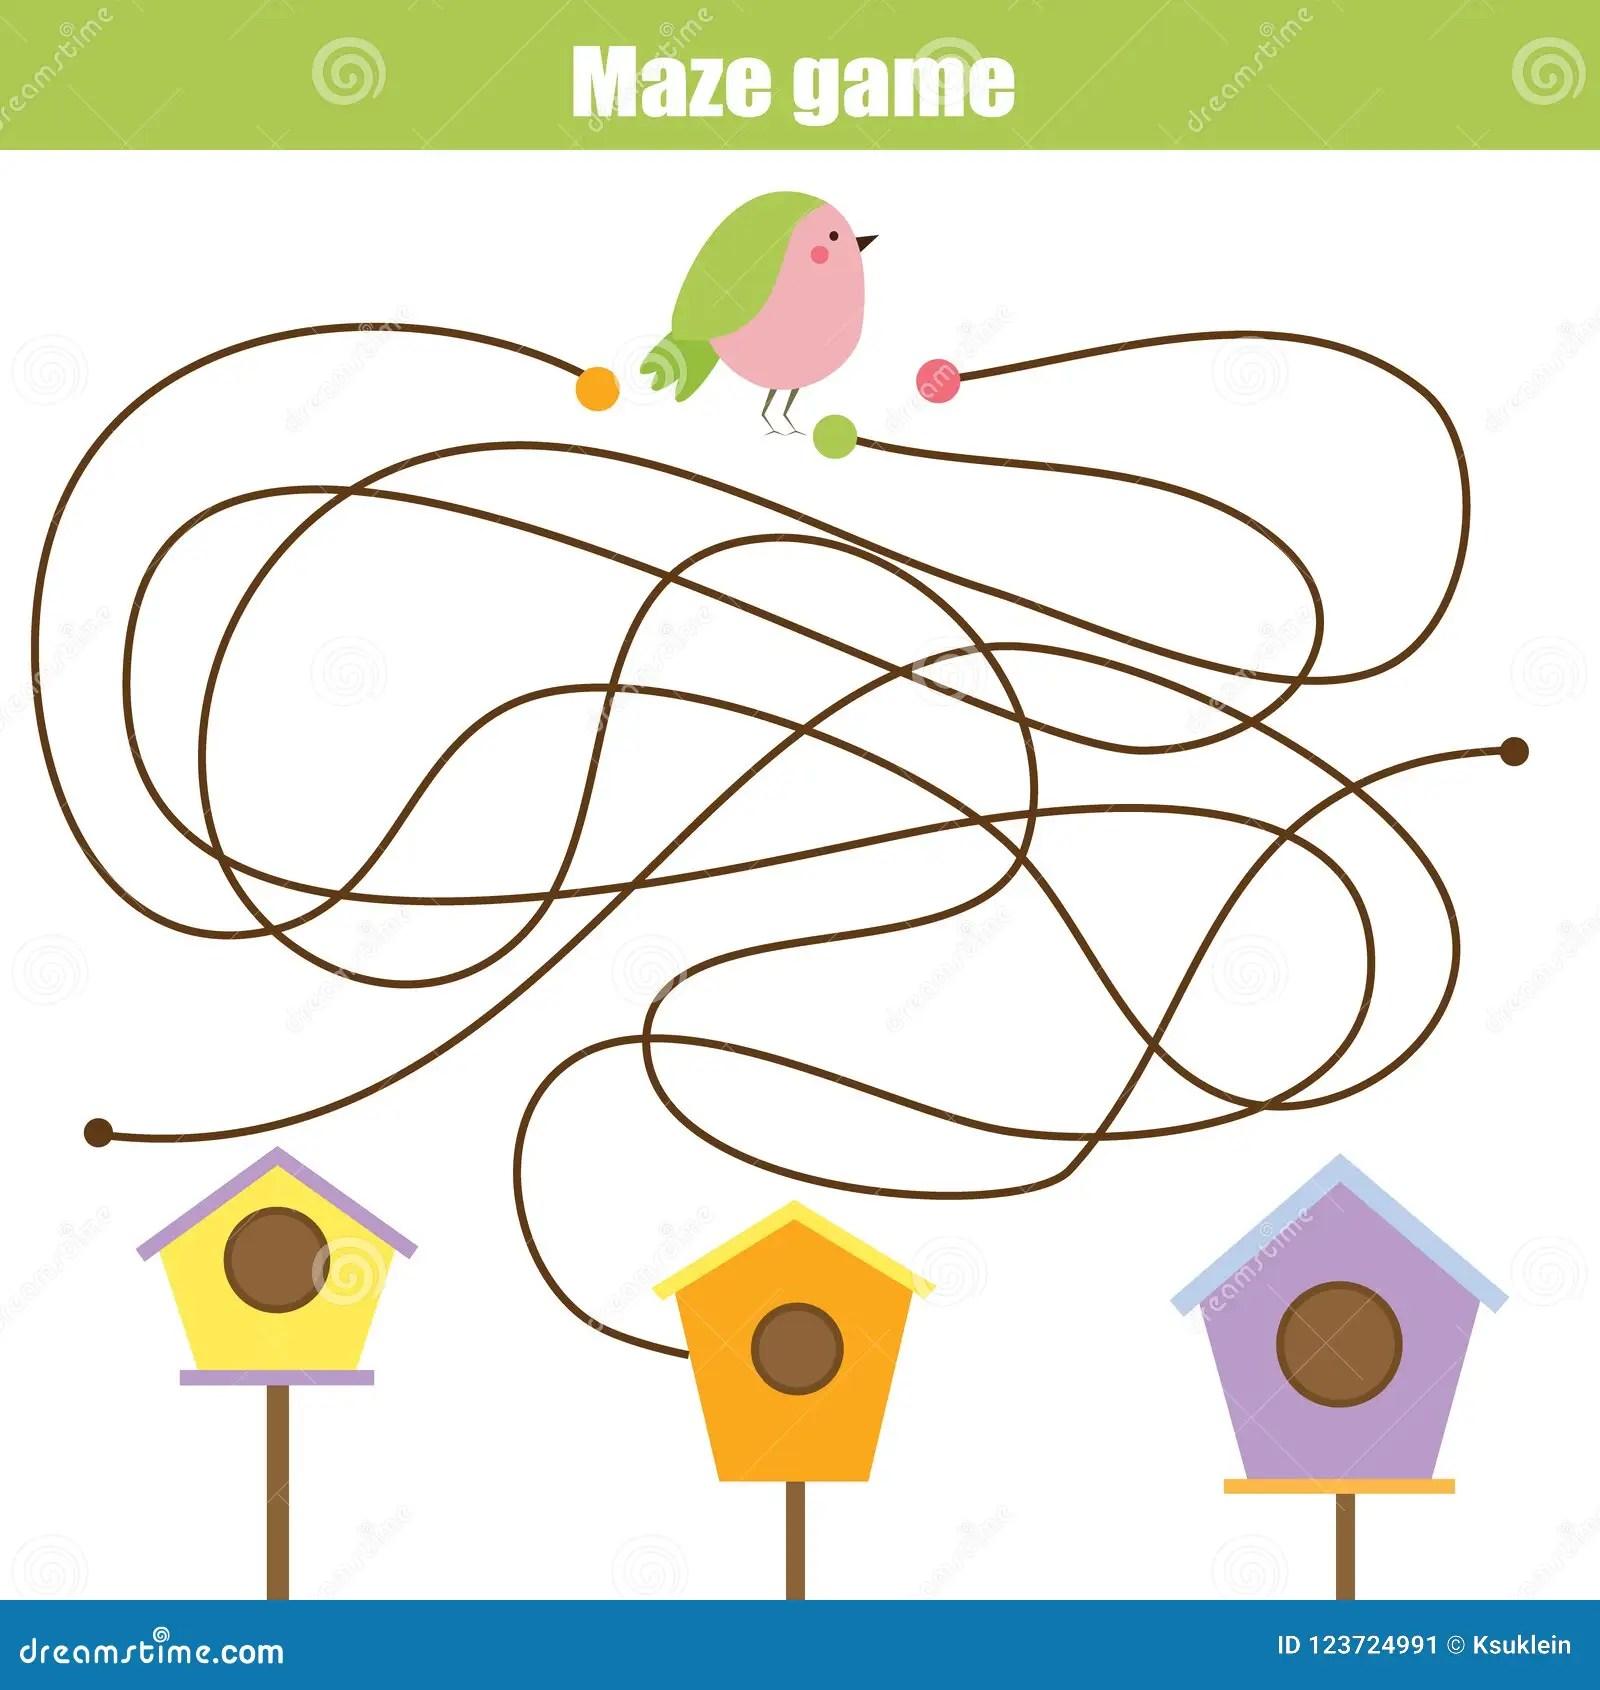 Maze Game Animals Theme Help Bird Find Birdhouse